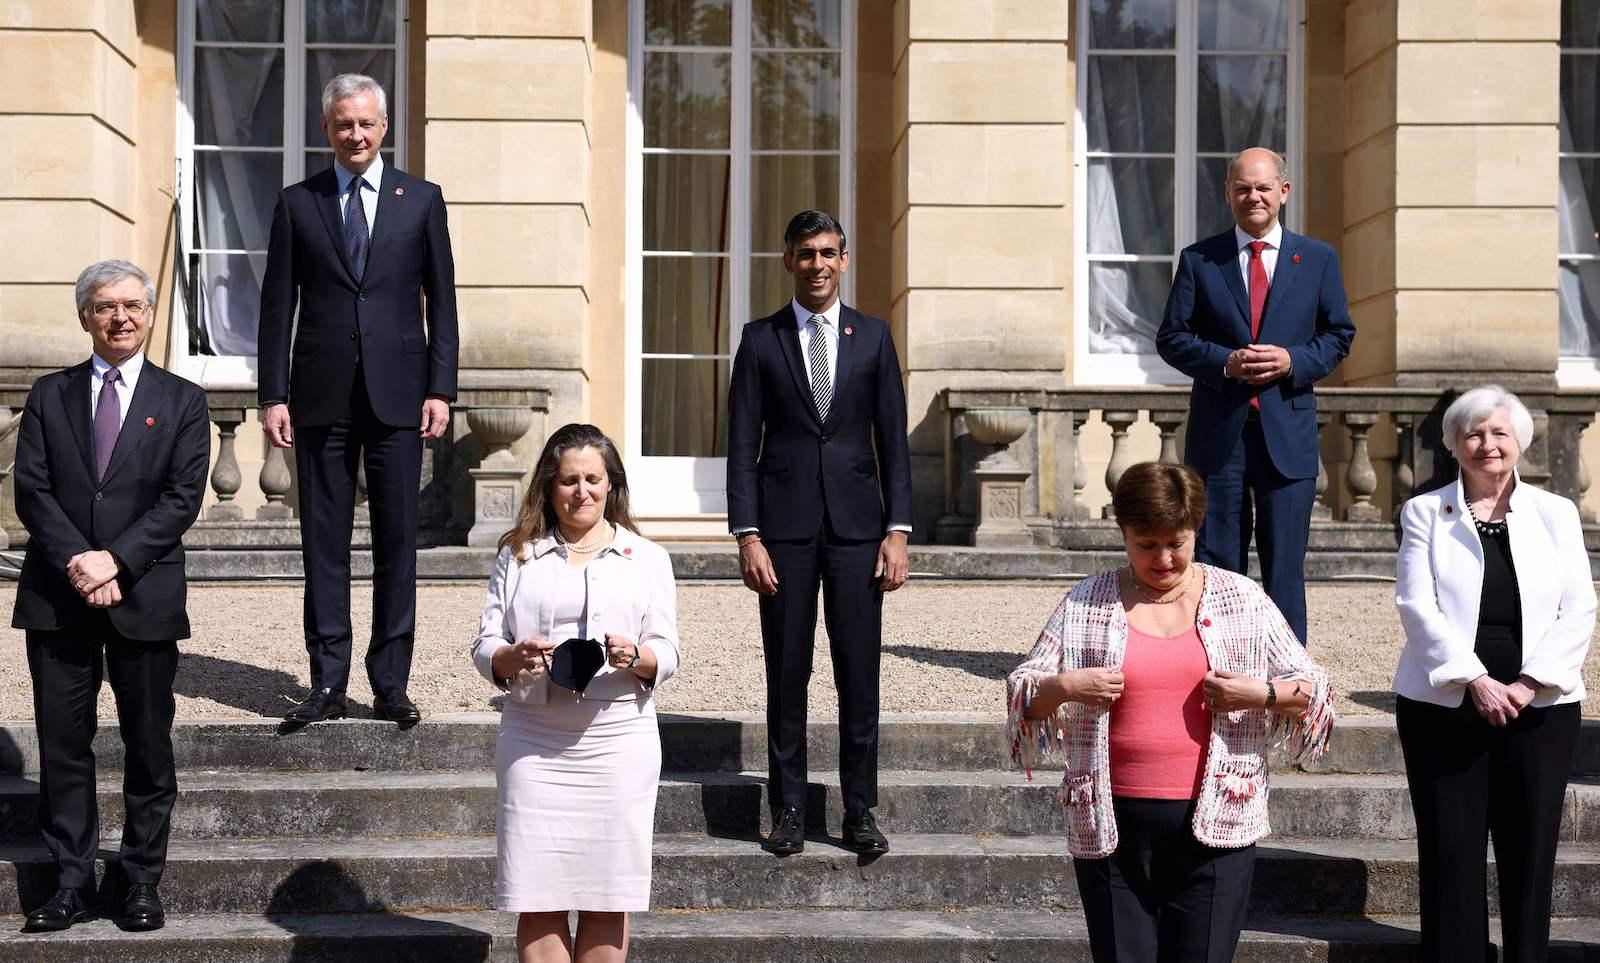 意大利經濟和財政部長丹尼爾·佛朗哥、法國經濟和財政部長佈魯諾·勒梅爾、加拿大財政部長克里斯蒂亞·弗里蘭、英國財政大臣里希·蘇納克、國際貨幣基金組織總裁克里斯塔利娜·格奧爾基耶娃、德國財政部長奧拉夫·舒爾茨、美國財政部長珍妮特·耶倫2021 年 6 月 5 日,在倫敦蘭開斯特宮舉行的 G7 財長會議的第二天,他們準備在他們的位置上合影留念。 - 來自富裕七國集團 (G7) 國家的財政部長預計將於週六宣布支持全球最低水平的公司稅,旨在讓跨國公司——尤其是科技巨頭——向受疫情重創的政府金庫支付更多費用。  (攝影:HENRY NICHOLLS / POOL / AFP)(攝影:HENRY NICHOLLS/POOL/AFP via Getty Images)